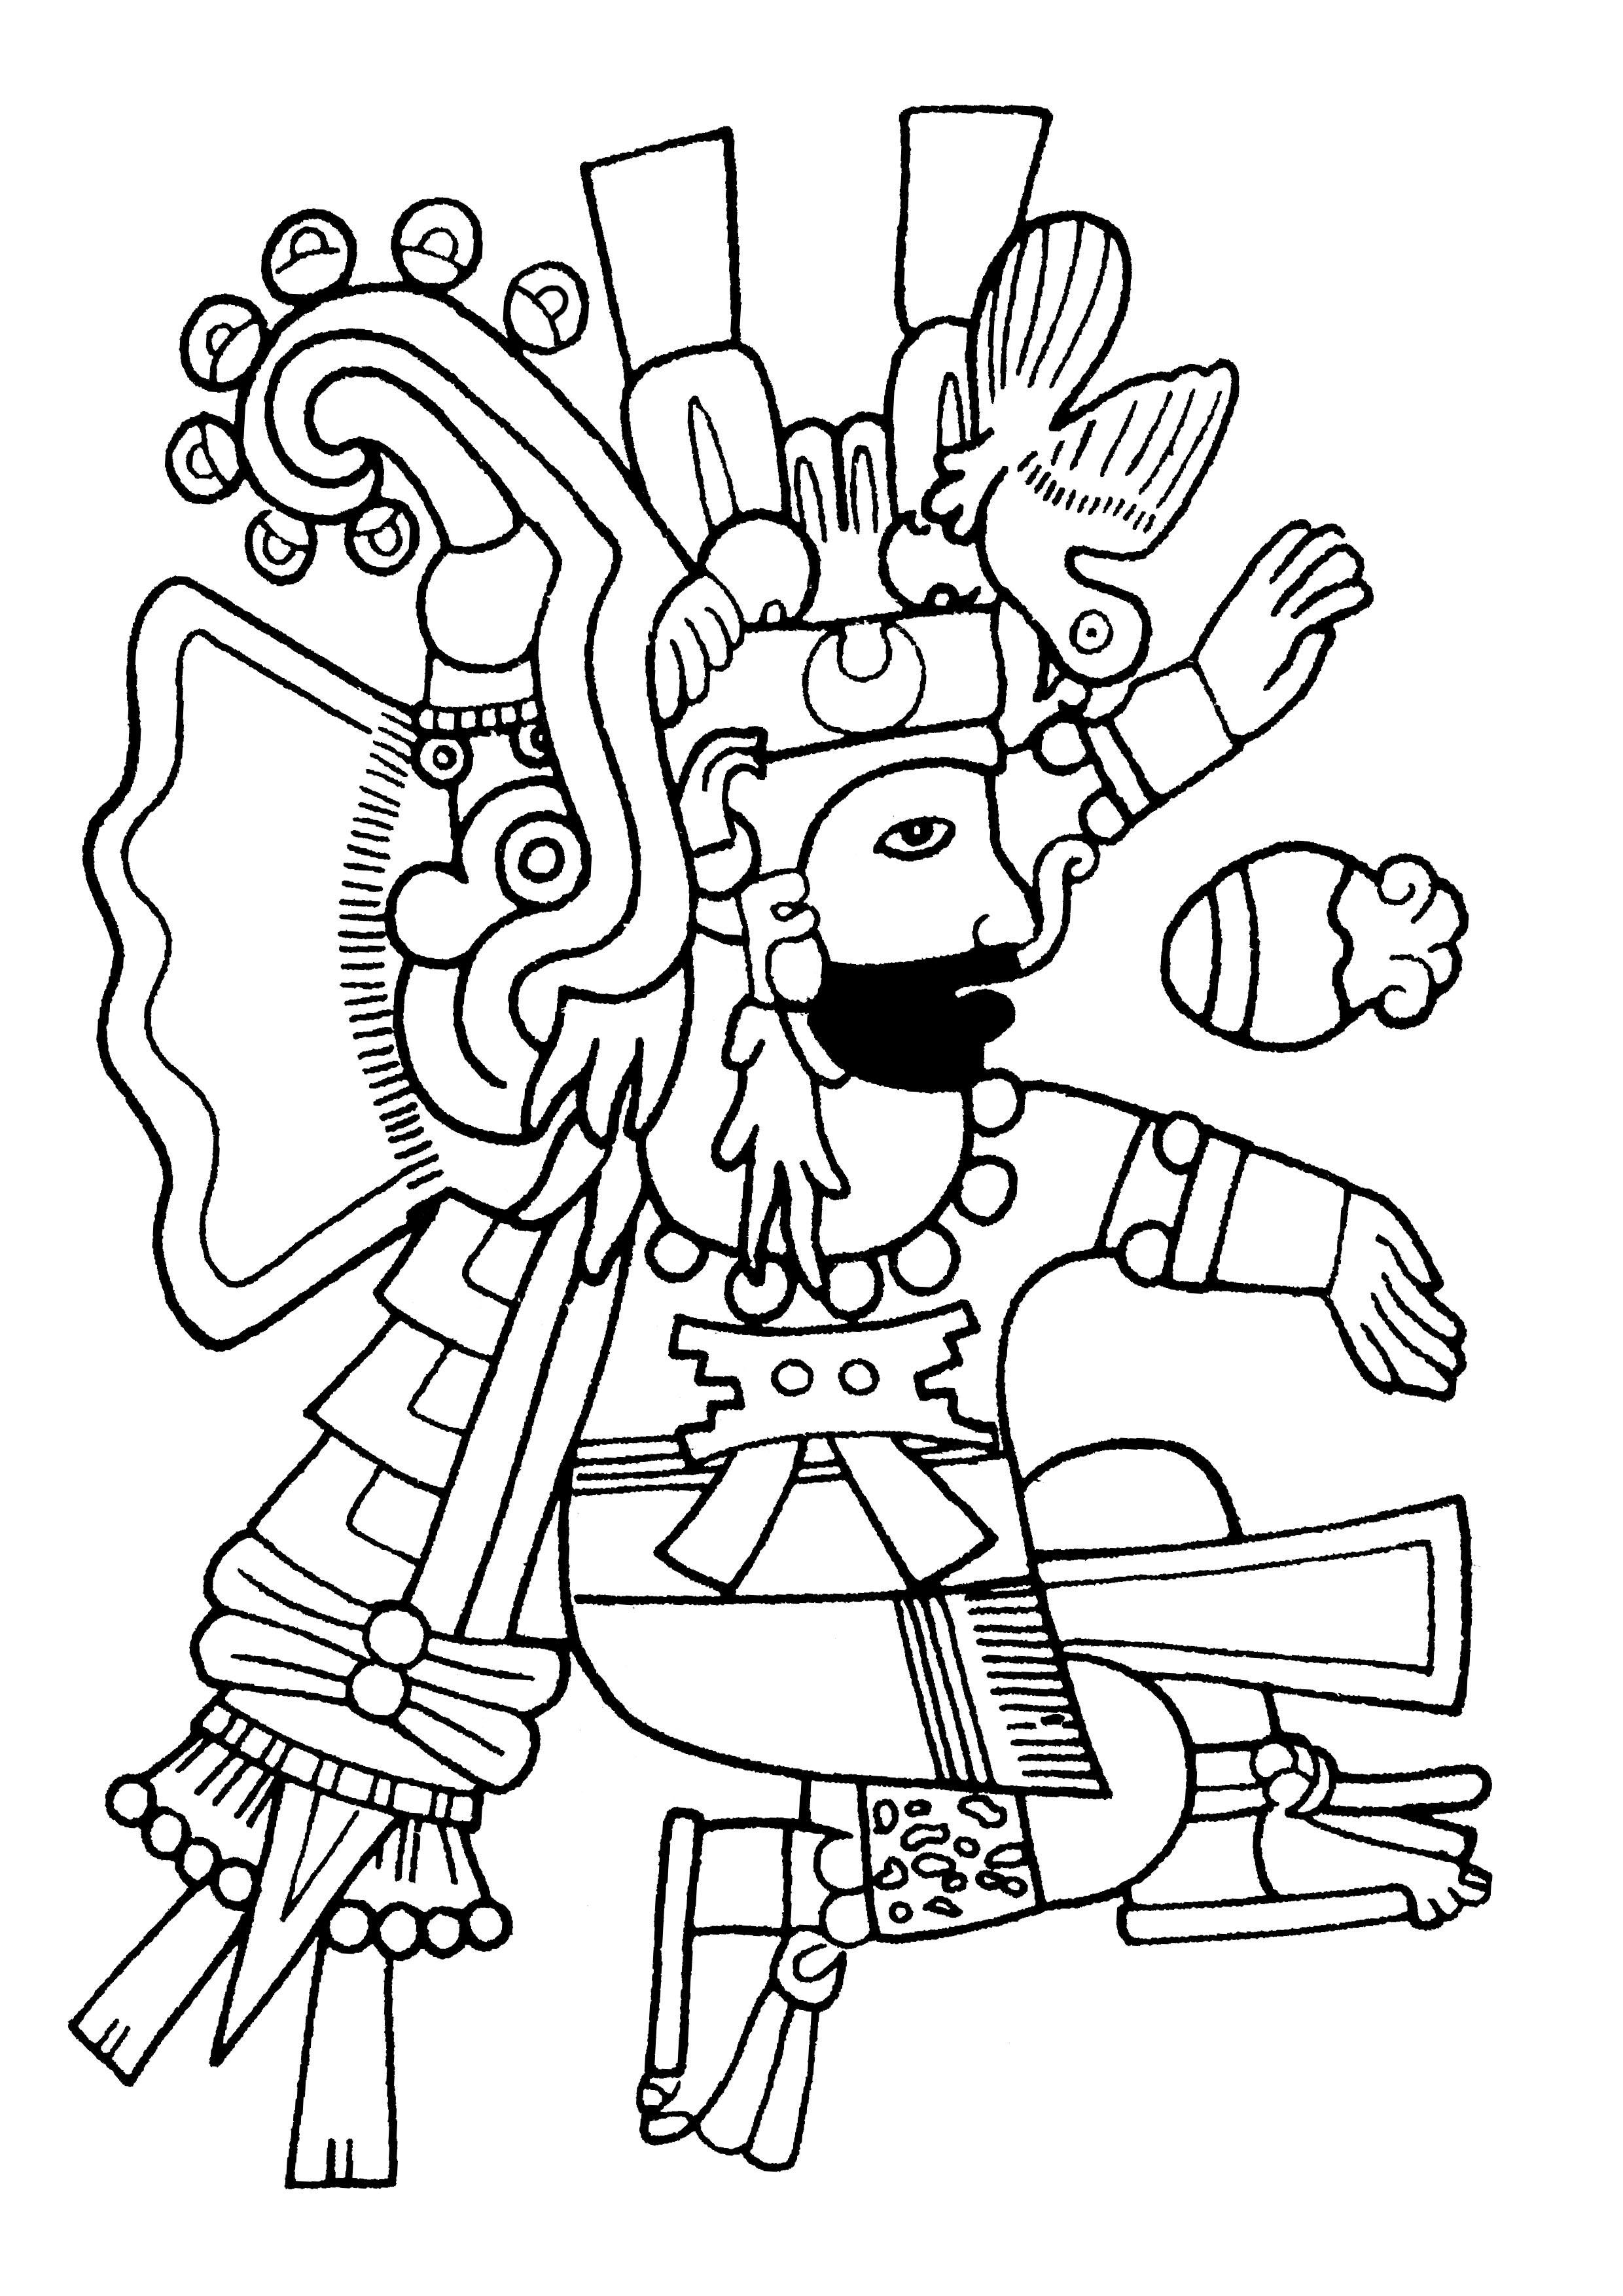 Homme déguisé en Xiuhtecuhtli le Dieu du feu et du temps, avec un costume de Xiuhcoatl le 'serpent de feu'